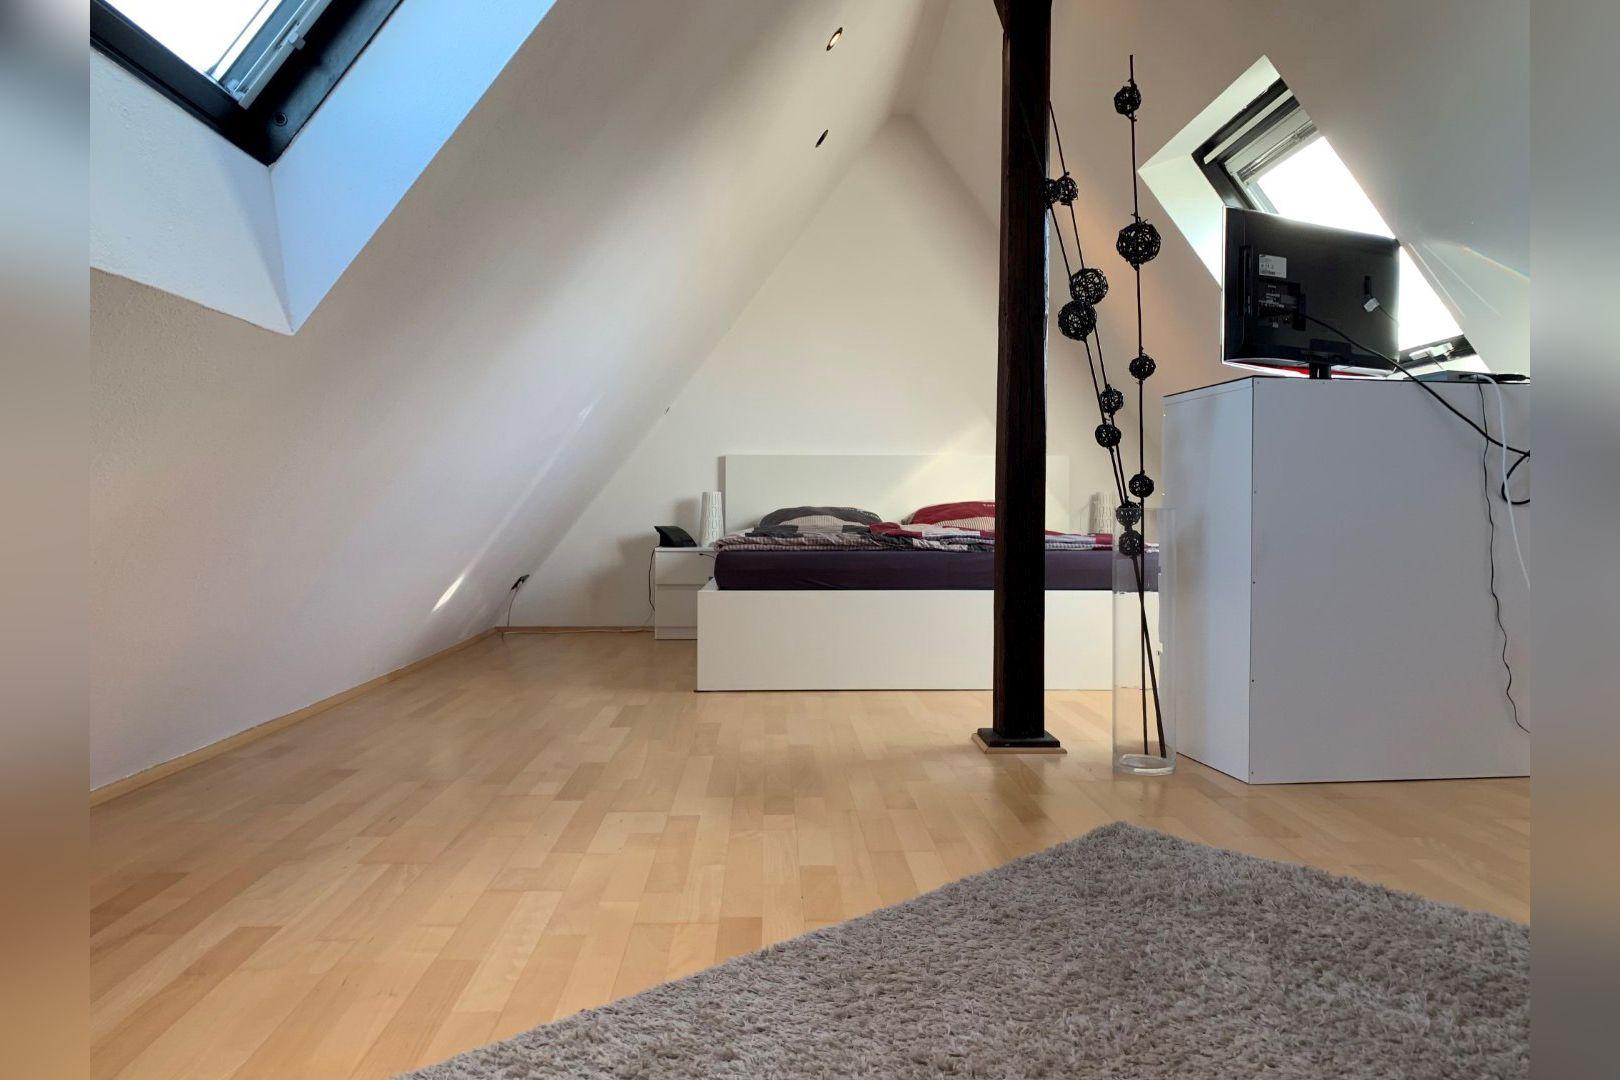 Immobilie Nr.0251 - Maisonette-Wohnung mit Galerie und großer Dachterrasse  - Bild 3.jpg